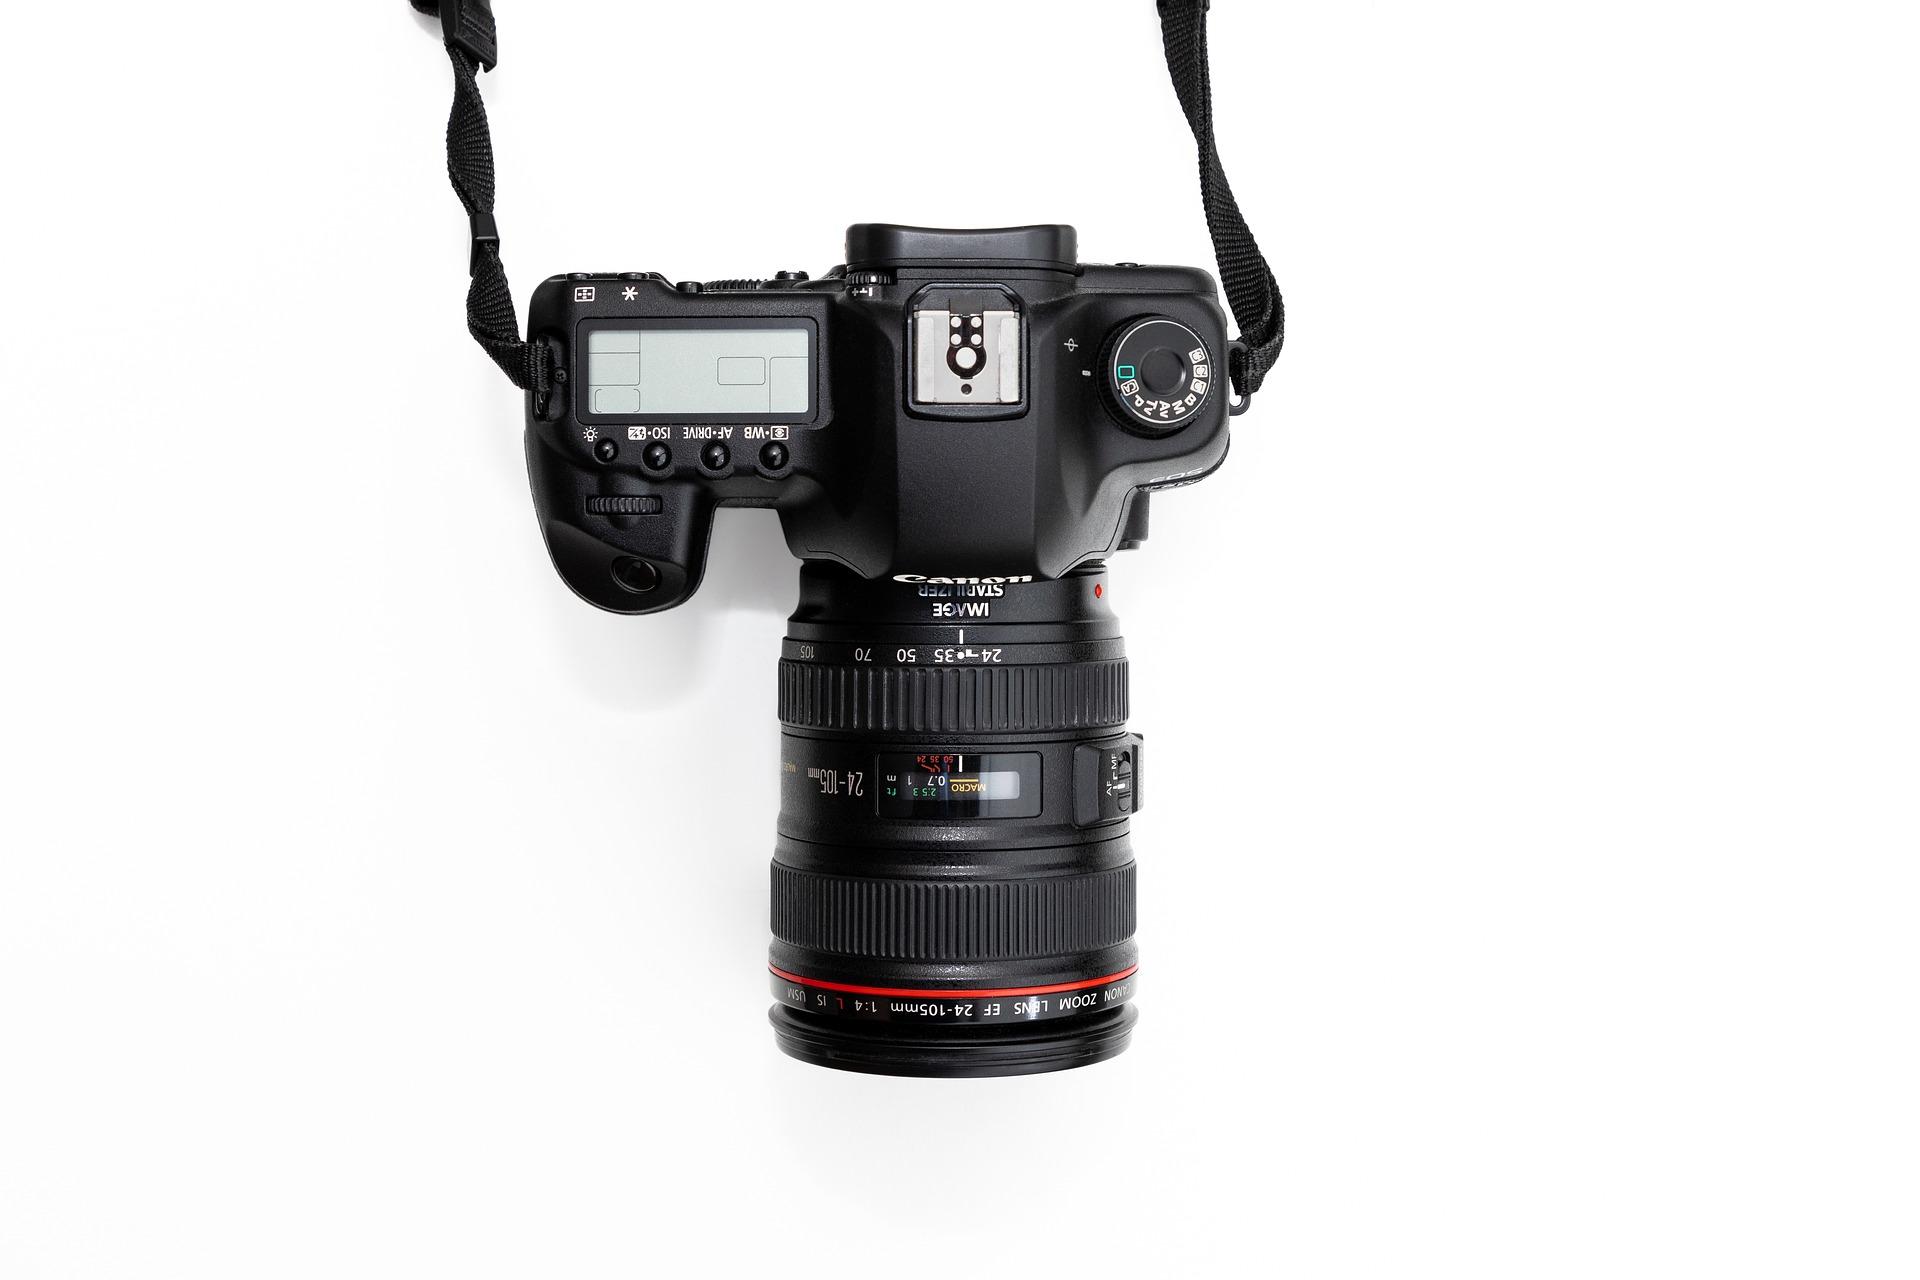 あなたのカメラ選びをサポートします。失敗しないカメラ選び